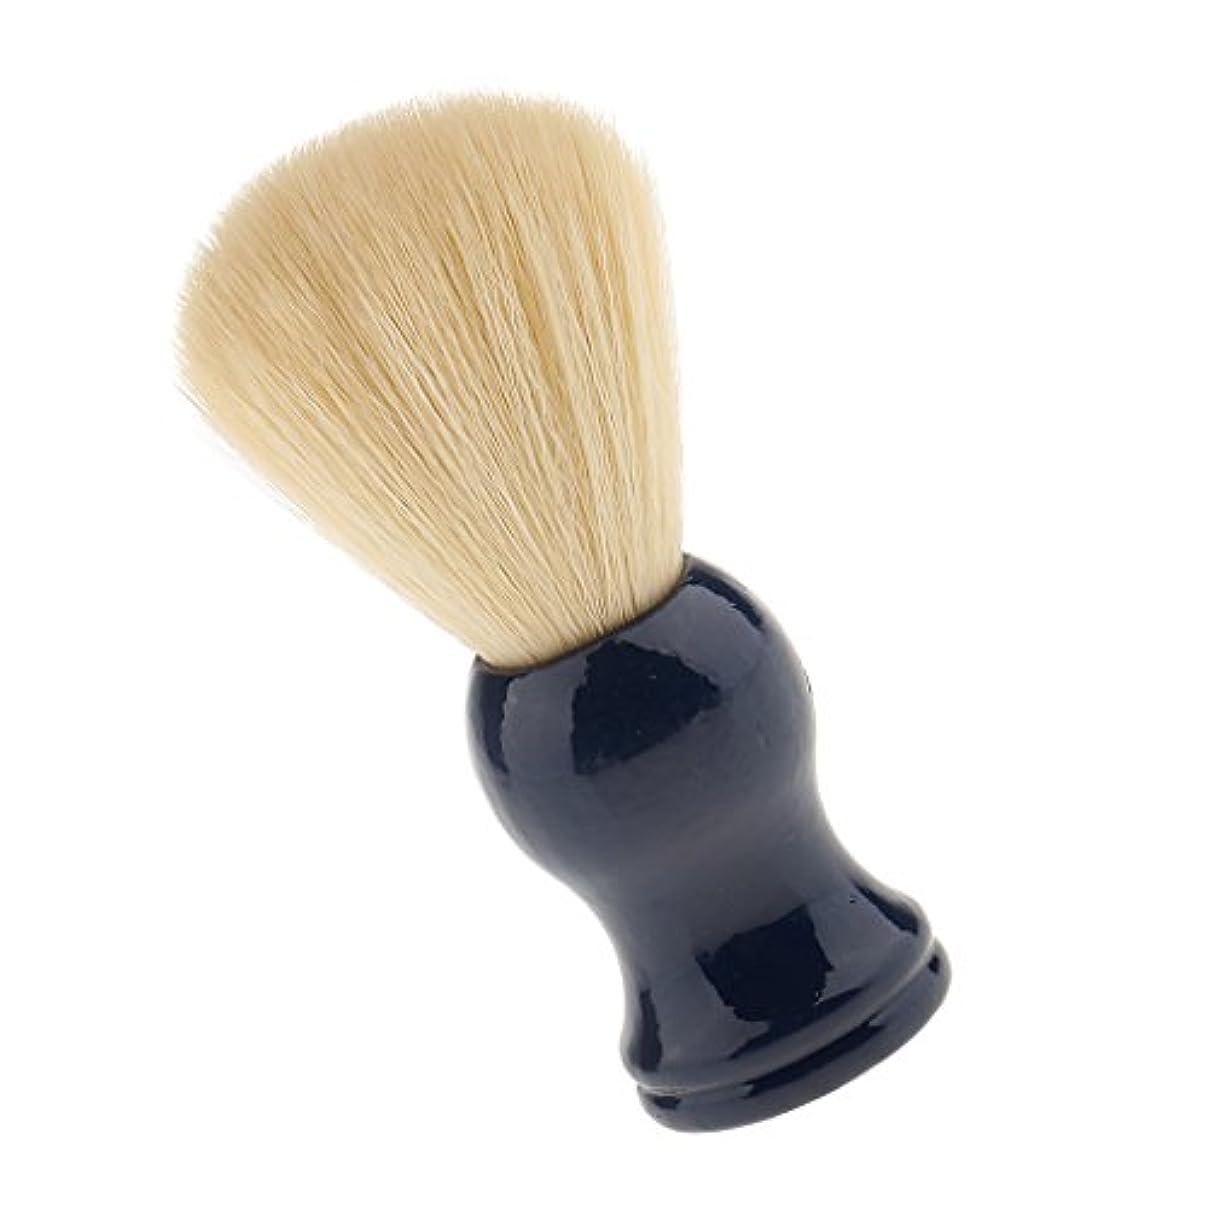 笑特徴づけるとは異なりKesoto シェービングブラシ 美容院用工具 理髪用 スキンケア サロン 便利グッズ ひげブラシ 首/顔 散髪整理  1点